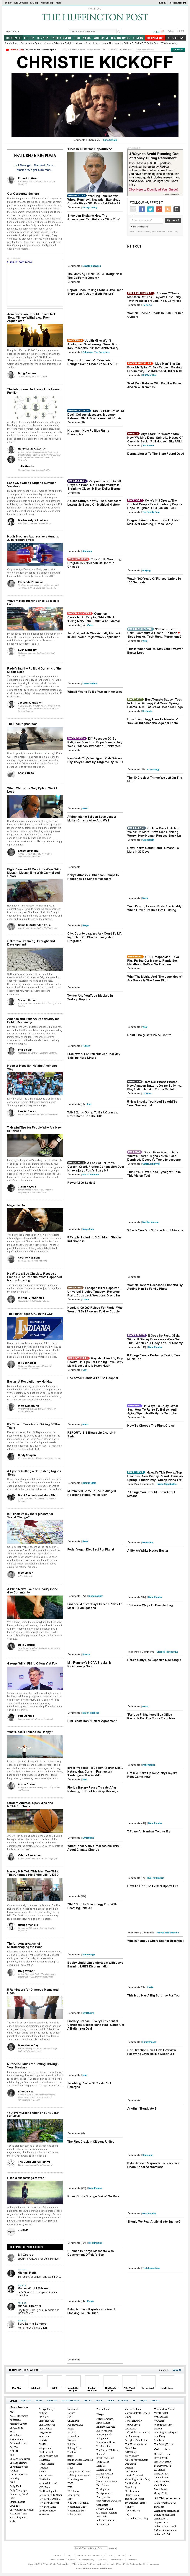 The Huffington Post at Monday April 6, 2015, 2:09 p.m. UTC